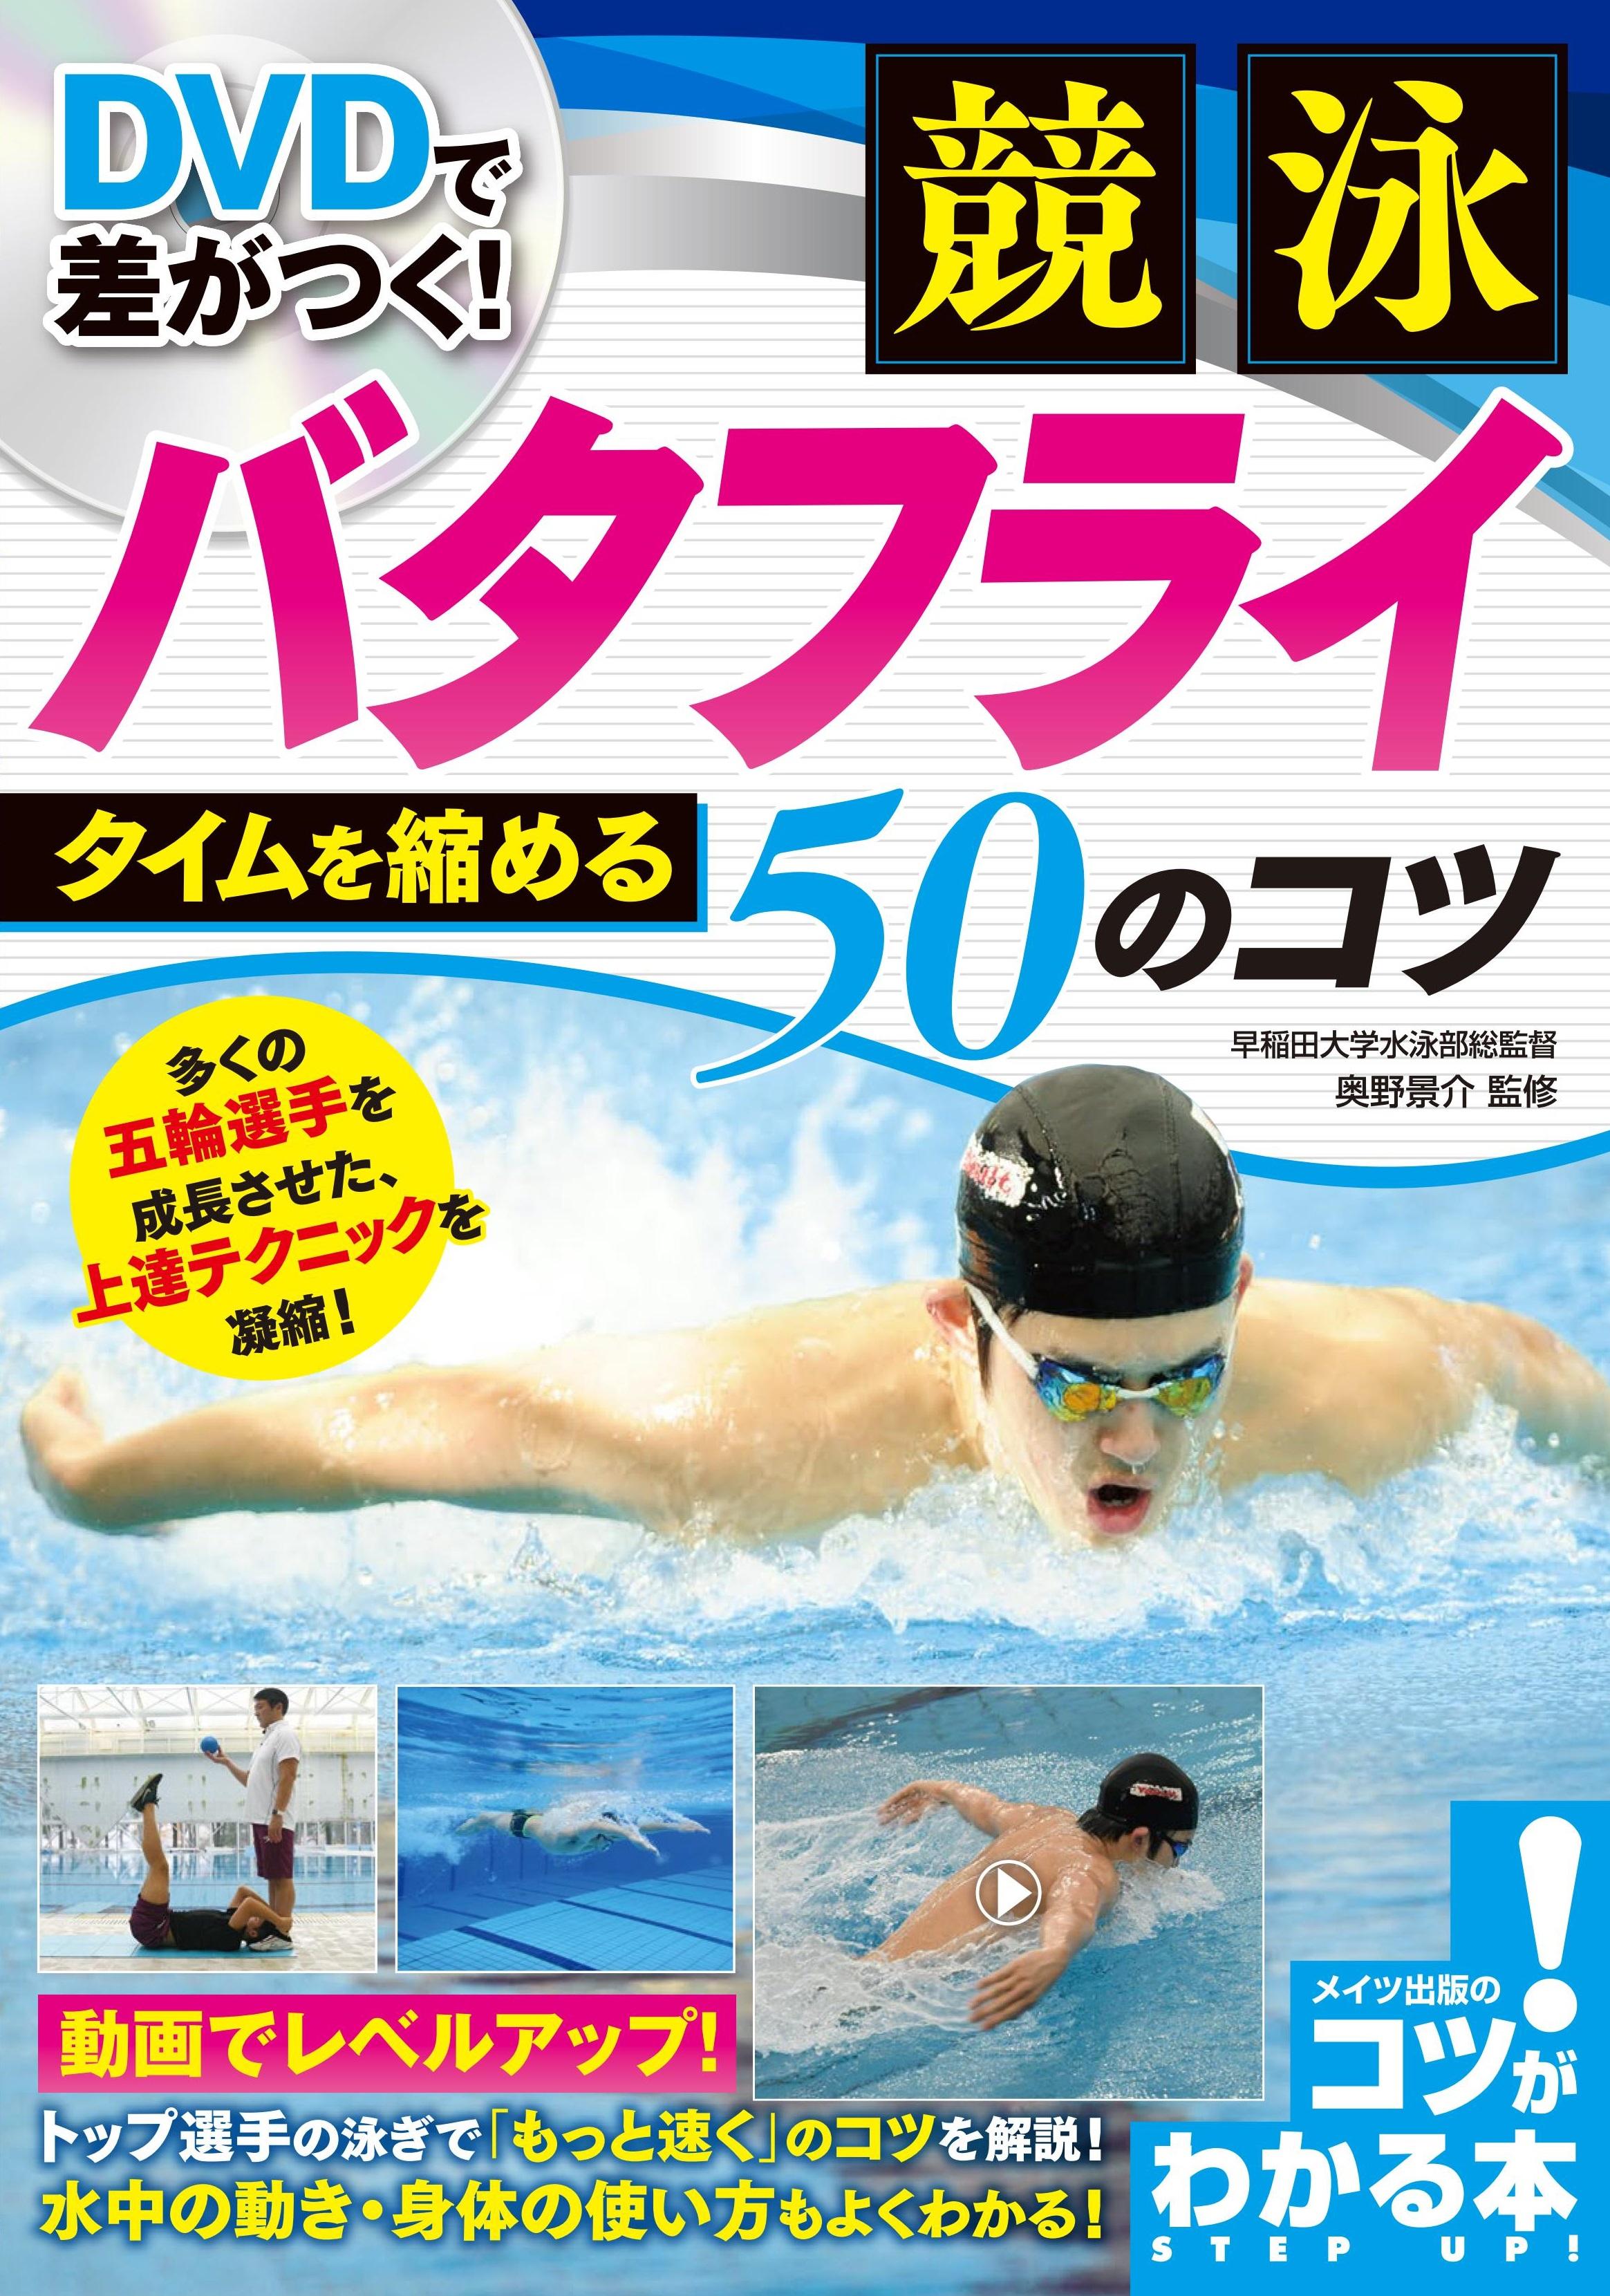 DVDで差がつく!競泳 バタフライ タイムを縮める50のコツ